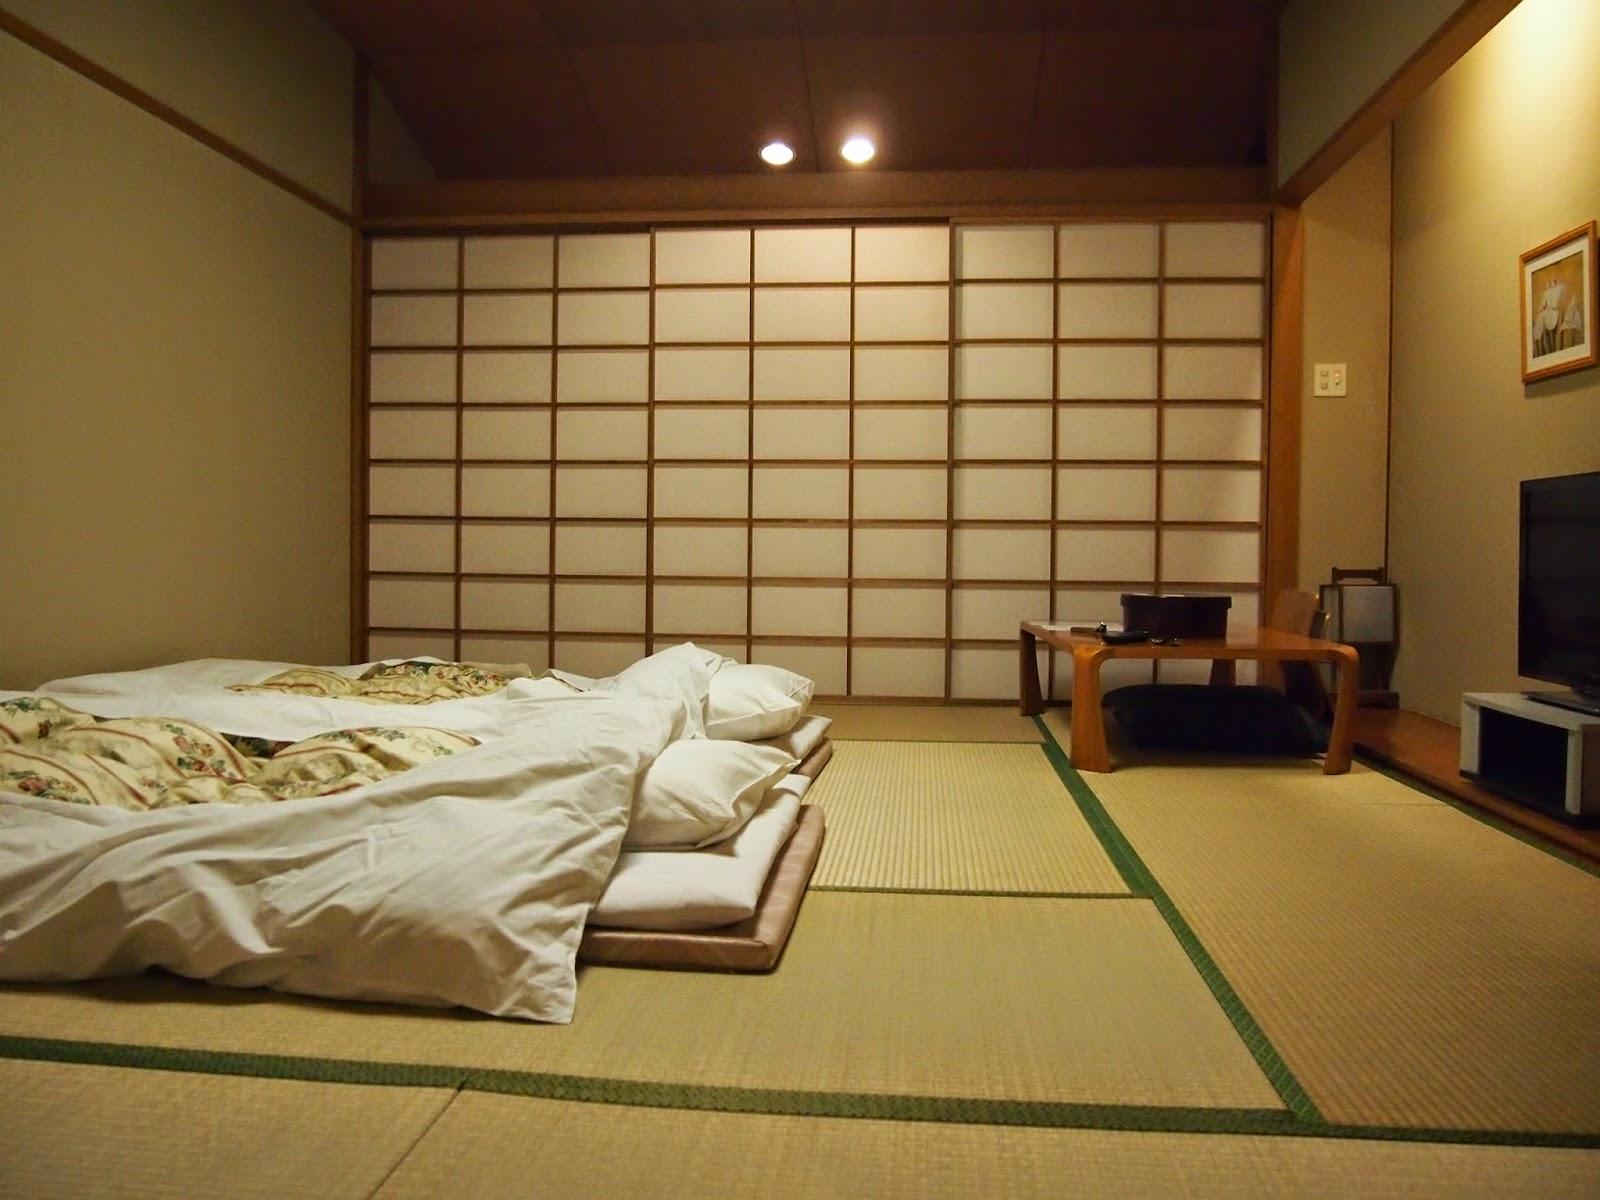 спальня в японском стиле фото интерьера